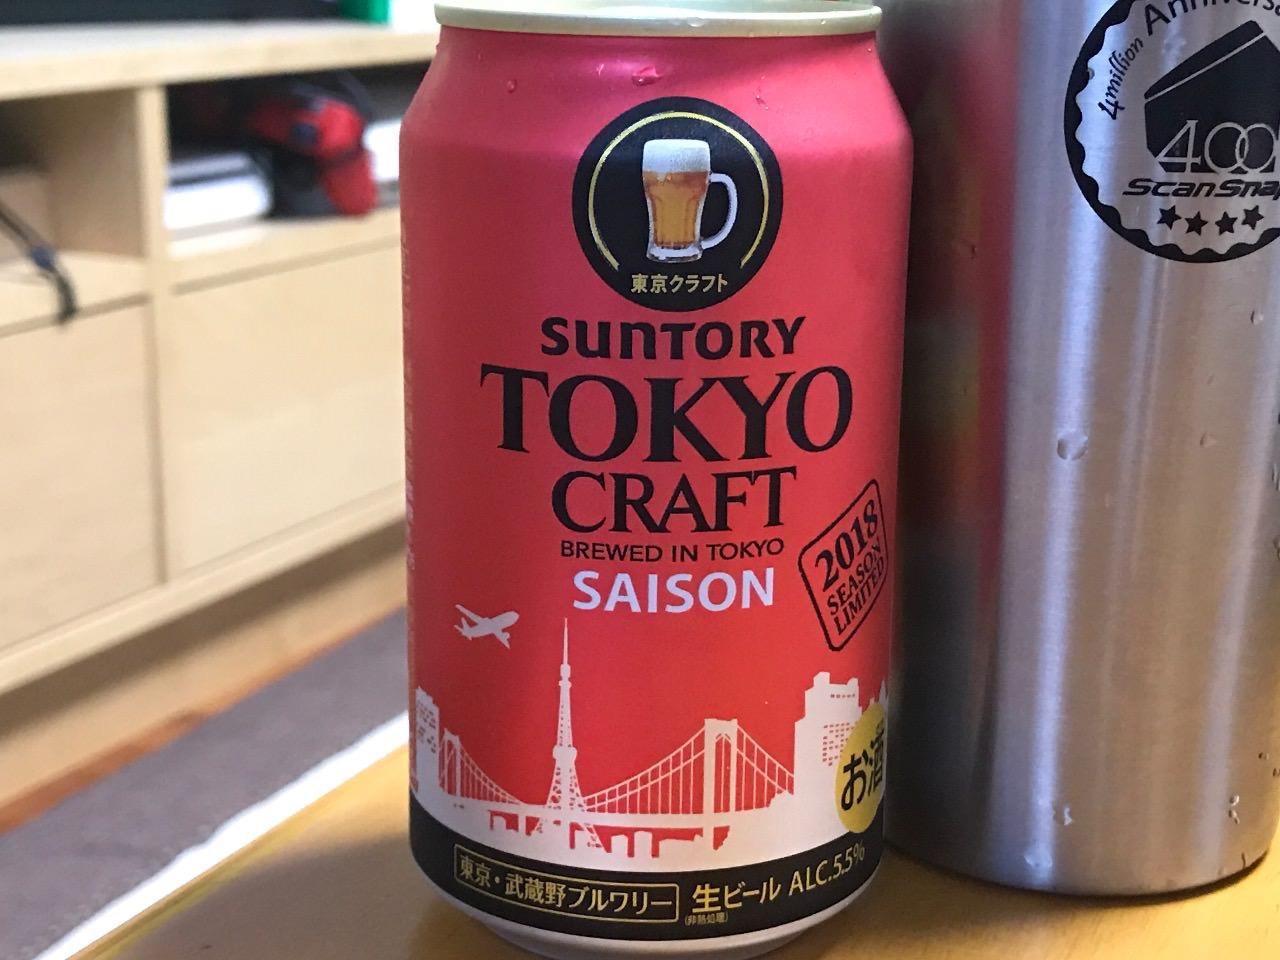 【季節限定】サントリー「東京クラフト〈セゾン〉」呑んでみた【感想】